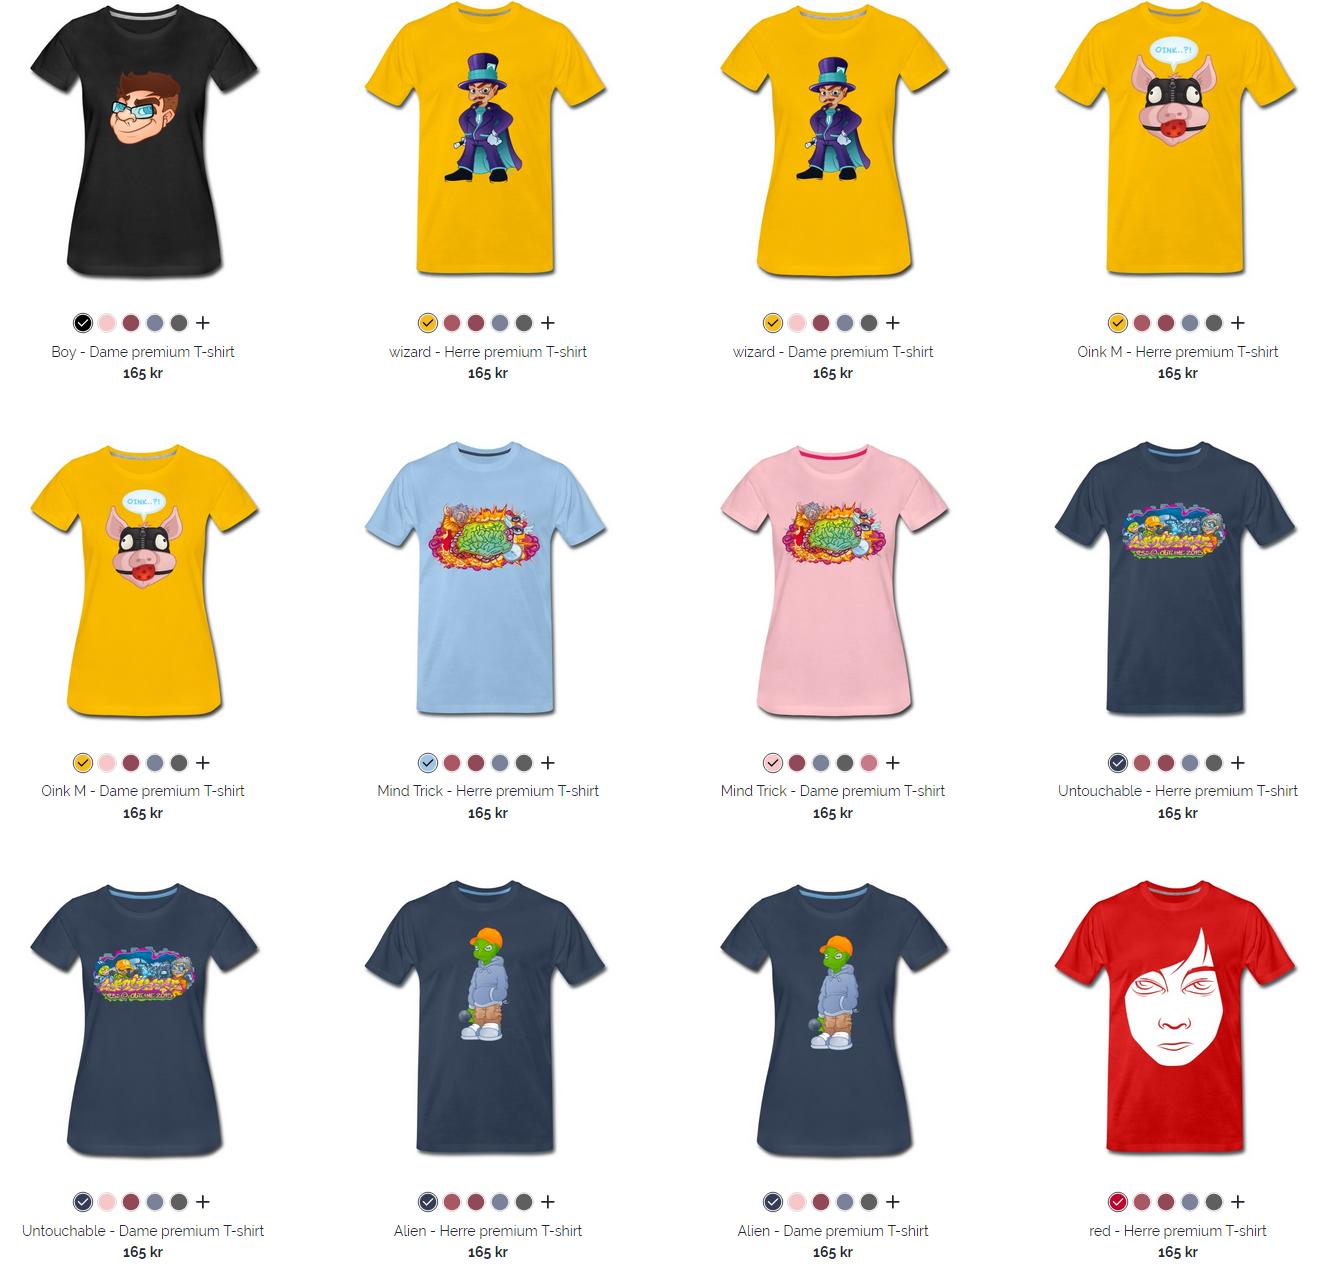 Merch – Shirts and stuff